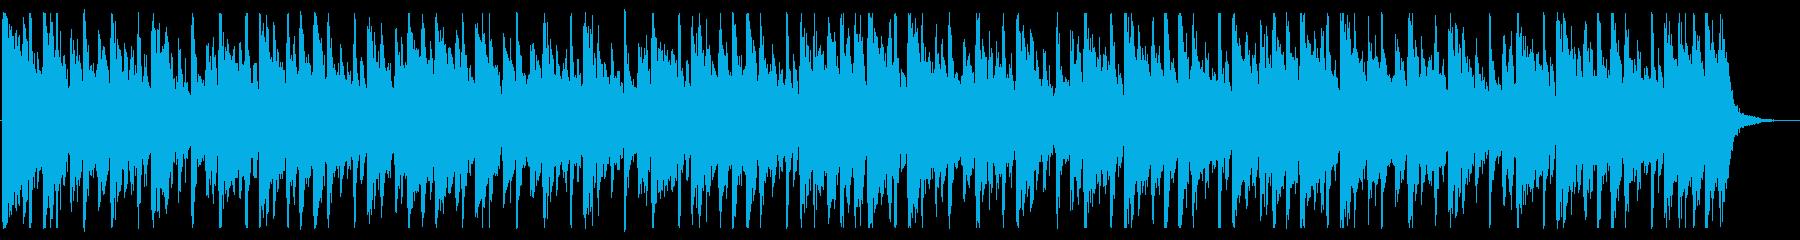 賑やかしくポップなBGM_No617_5の再生済みの波形